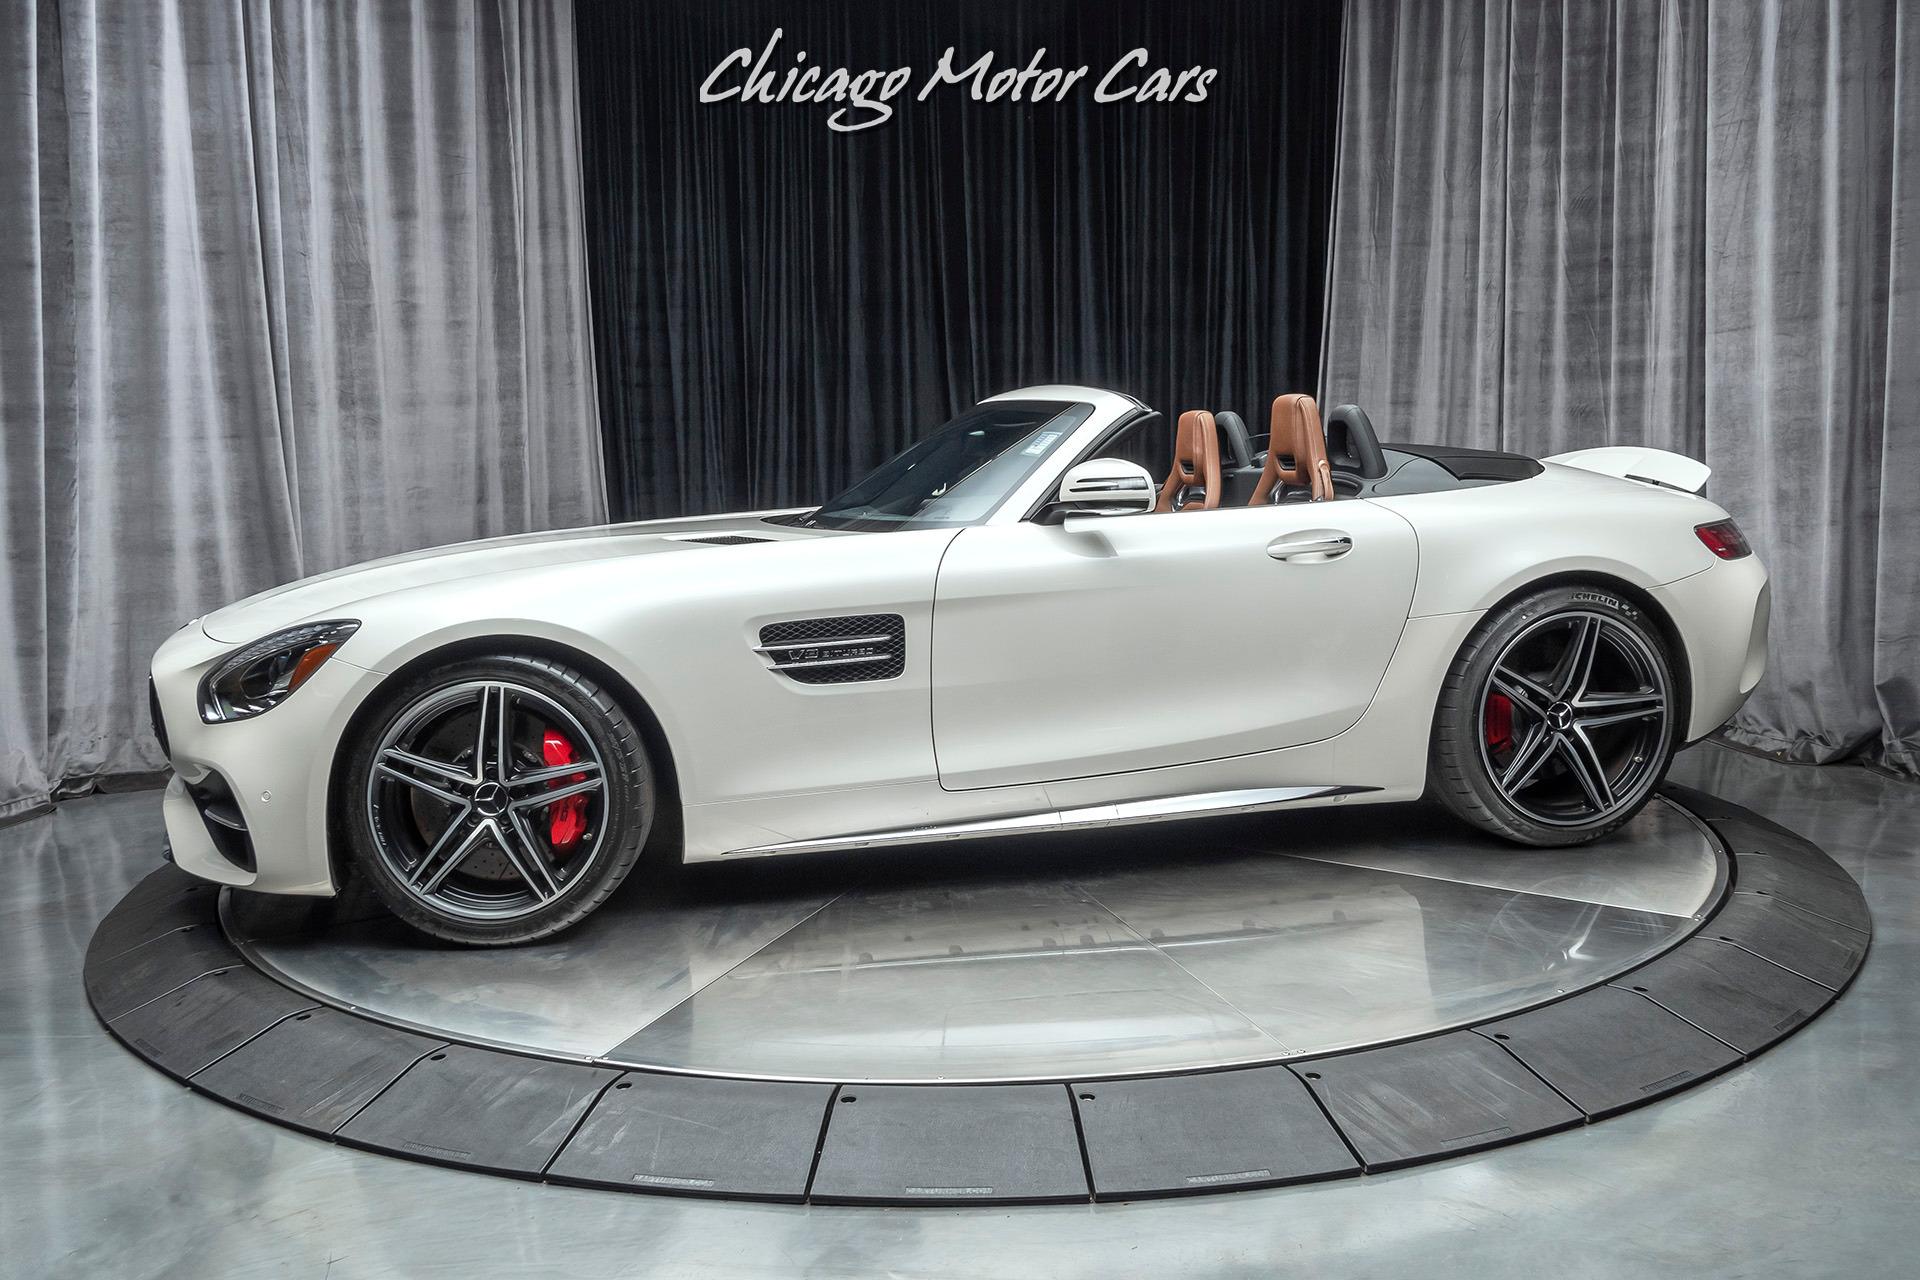 Used-2019-Mercedes-Benz-AMG-GT-C-Roadster-MSRP-167k-CARBON-FIBER-5900-MILES